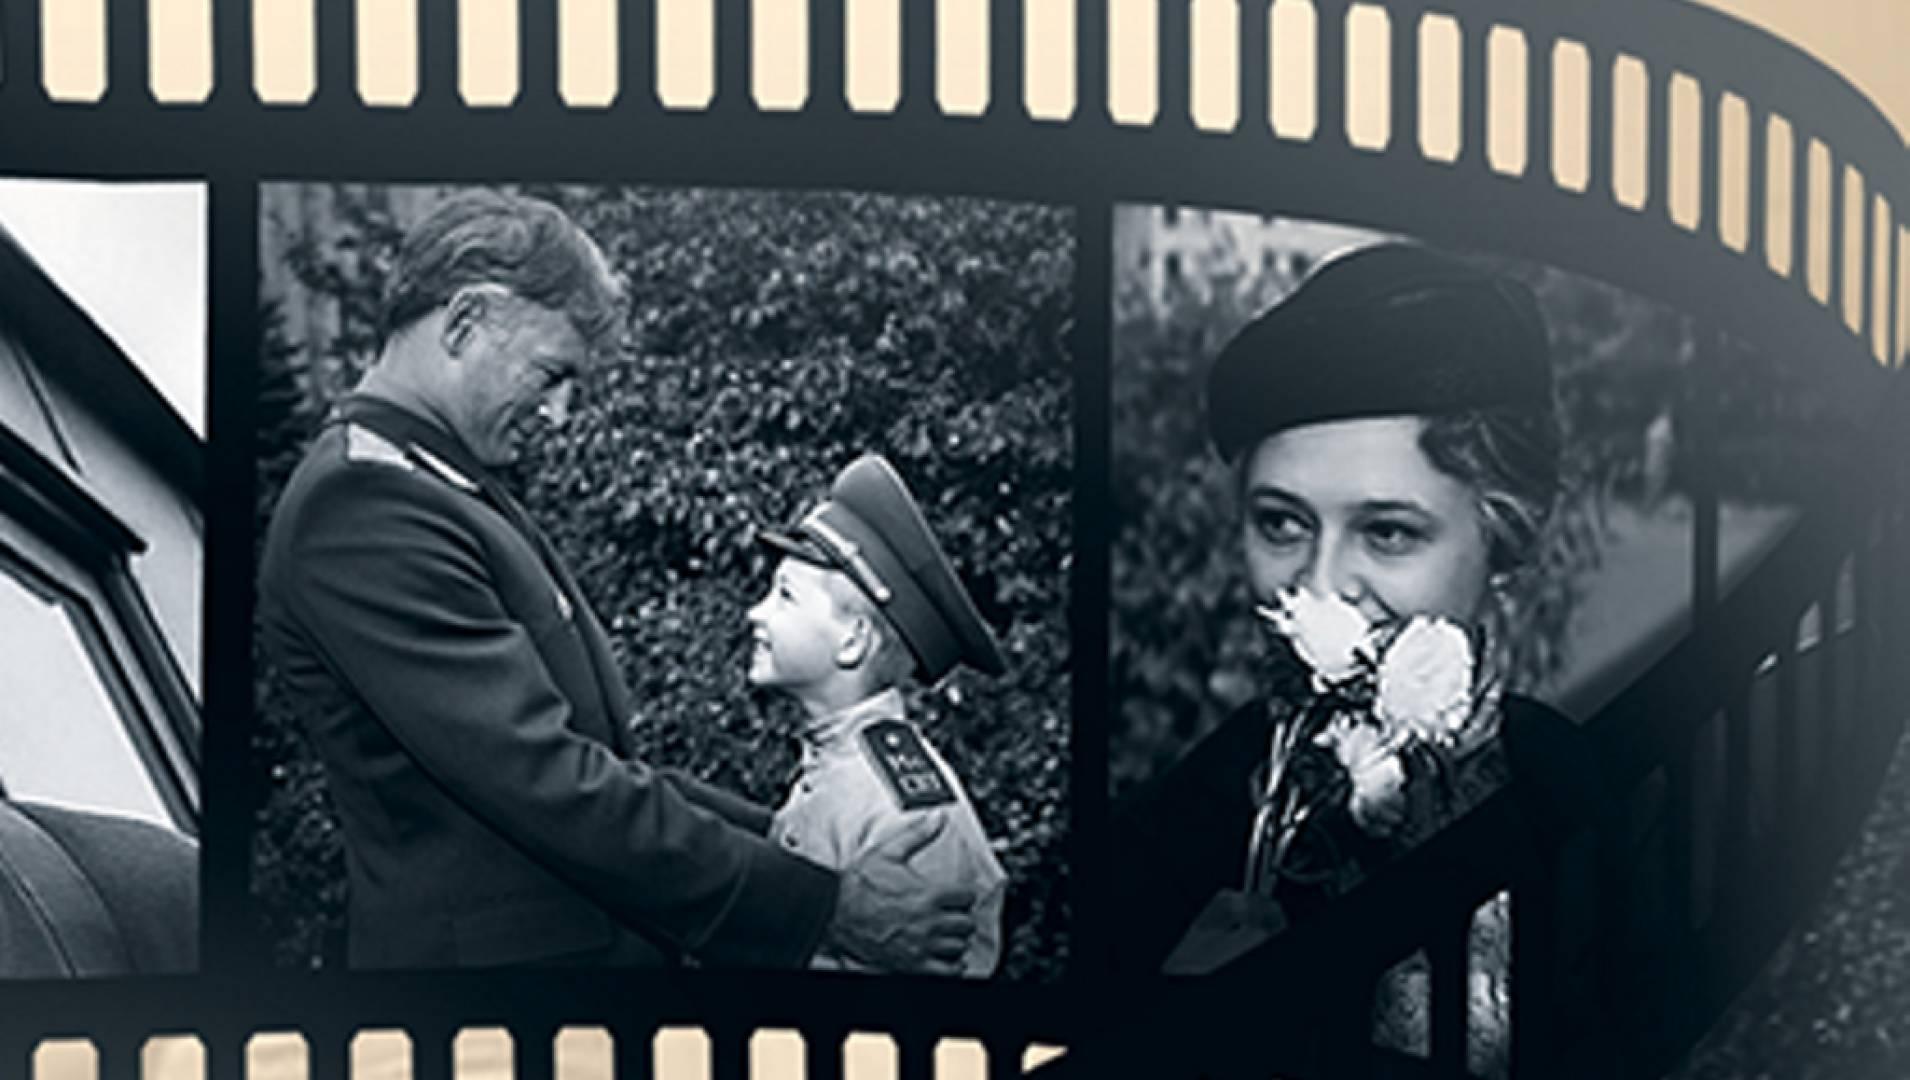 Концерт, посвященный 45-летию фильма «Офицеры» - Концерт